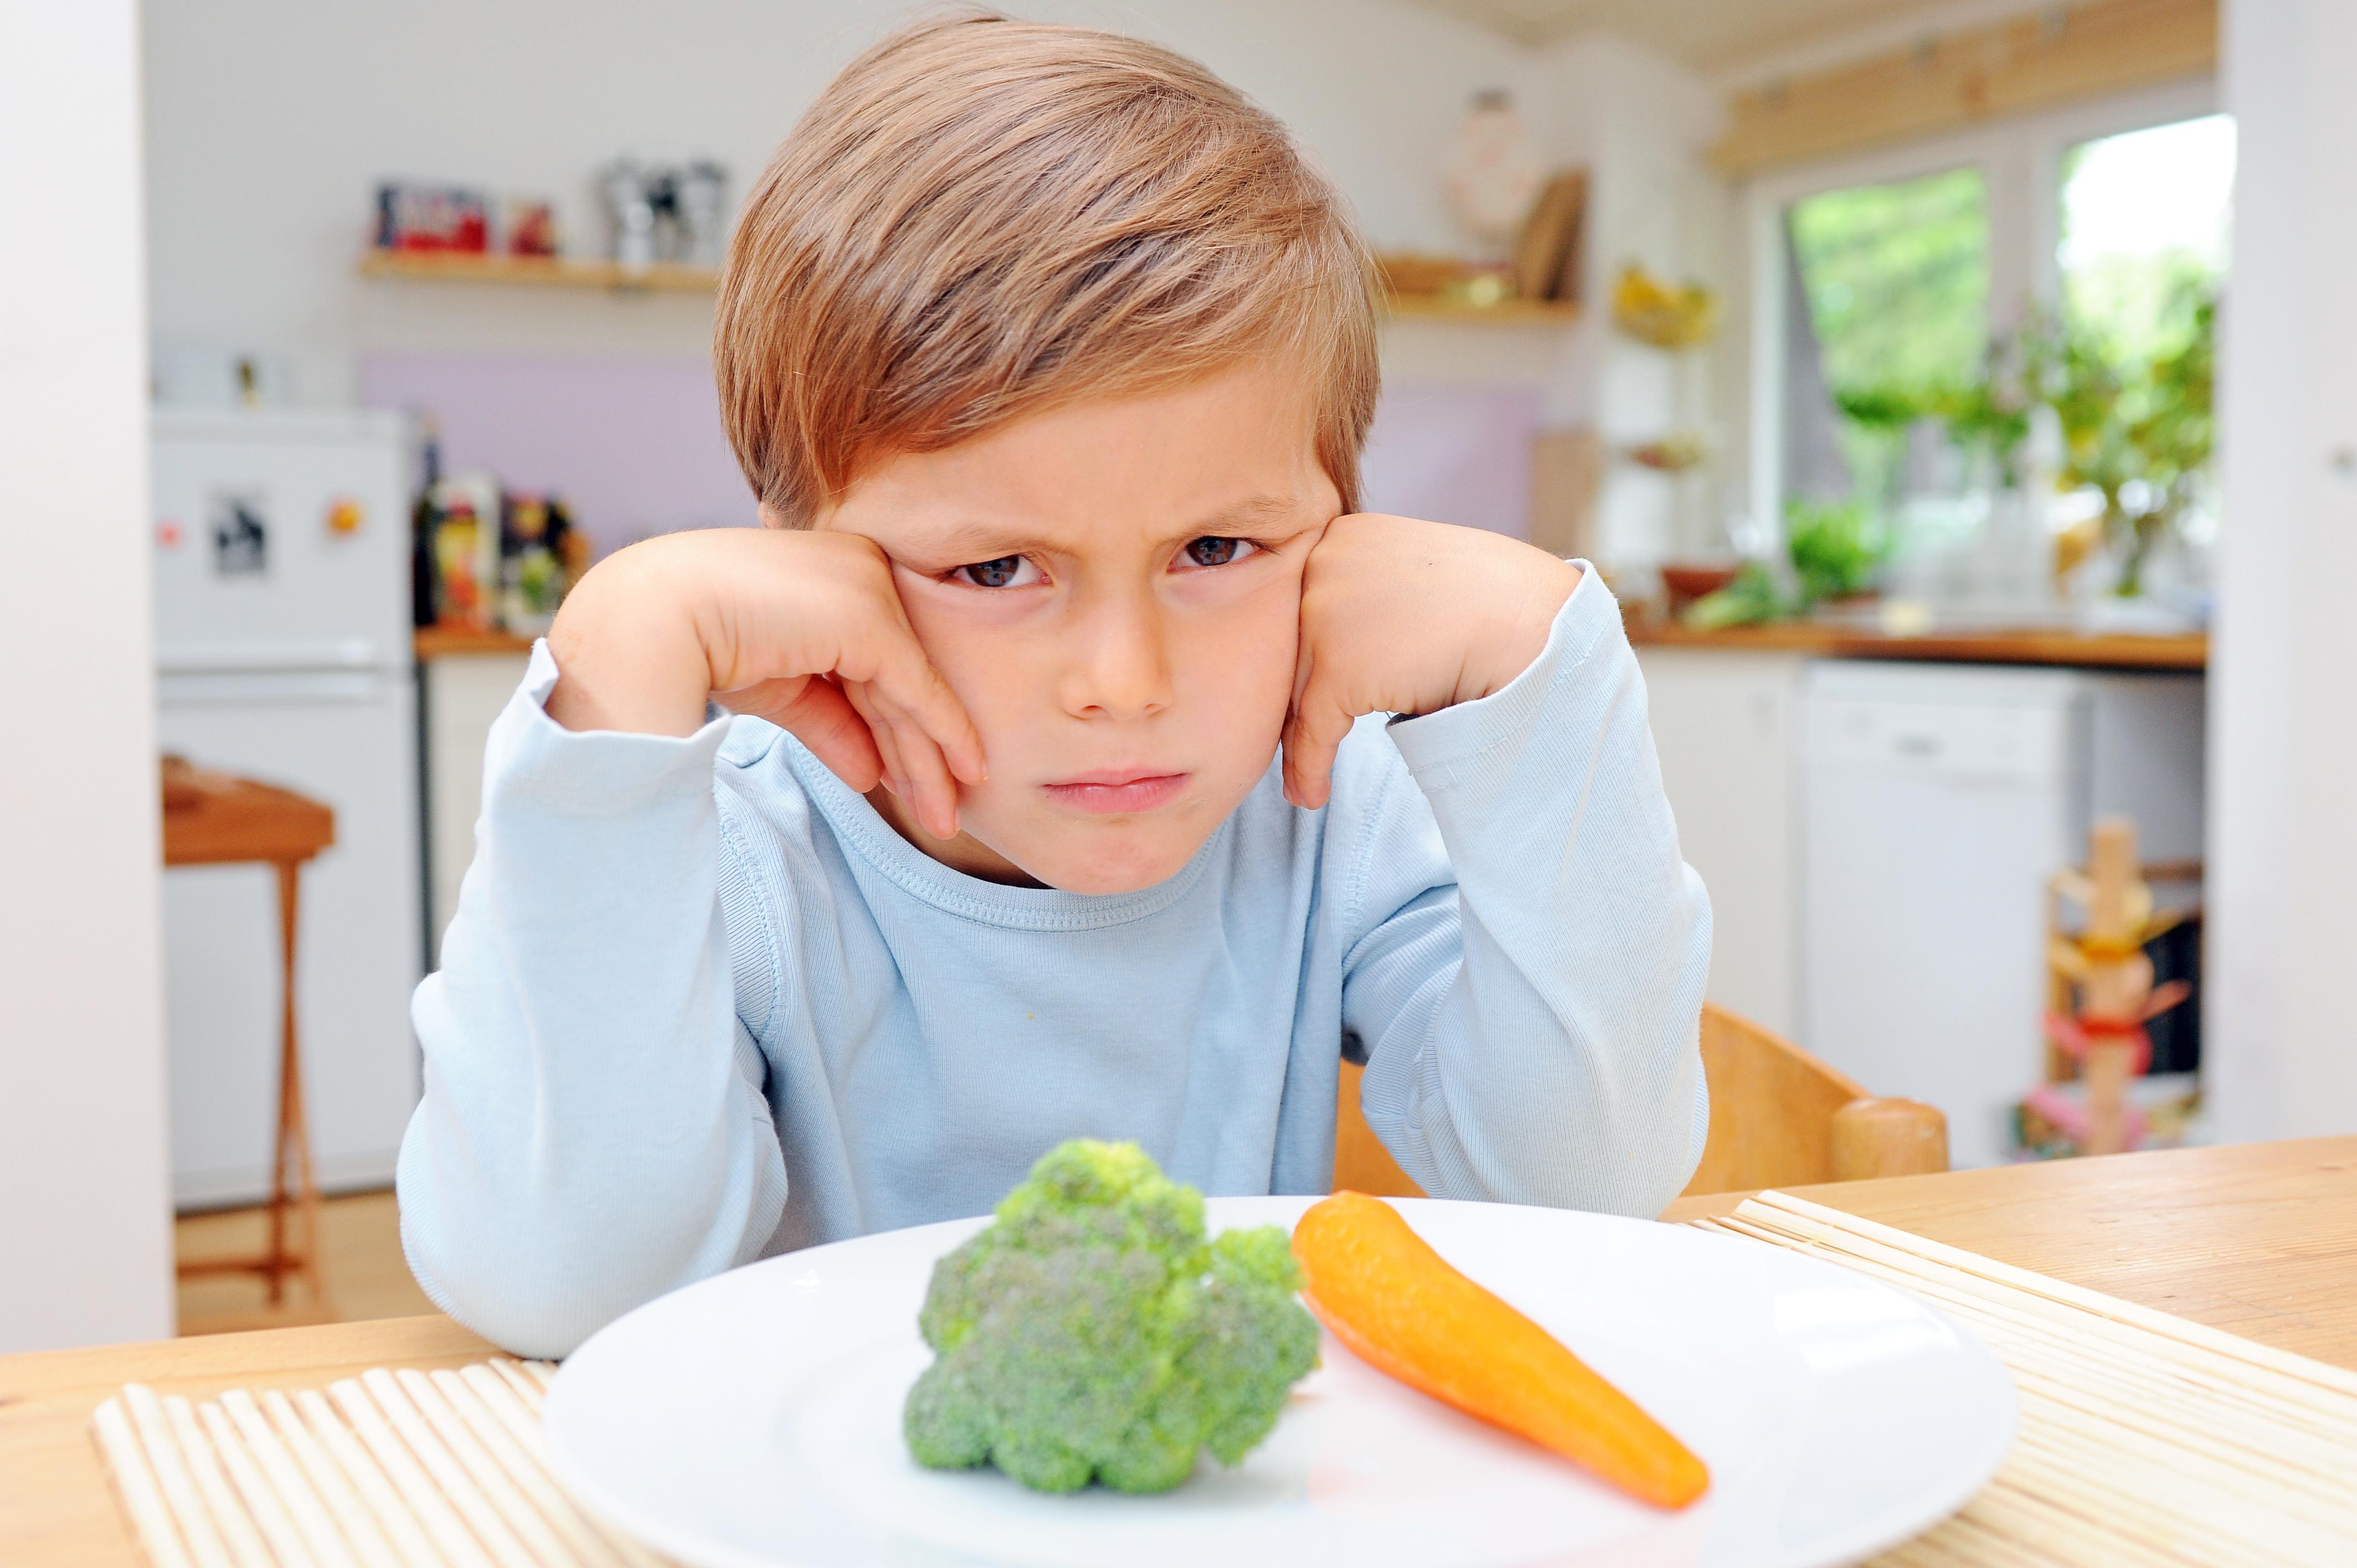 Kind mit Gemüse